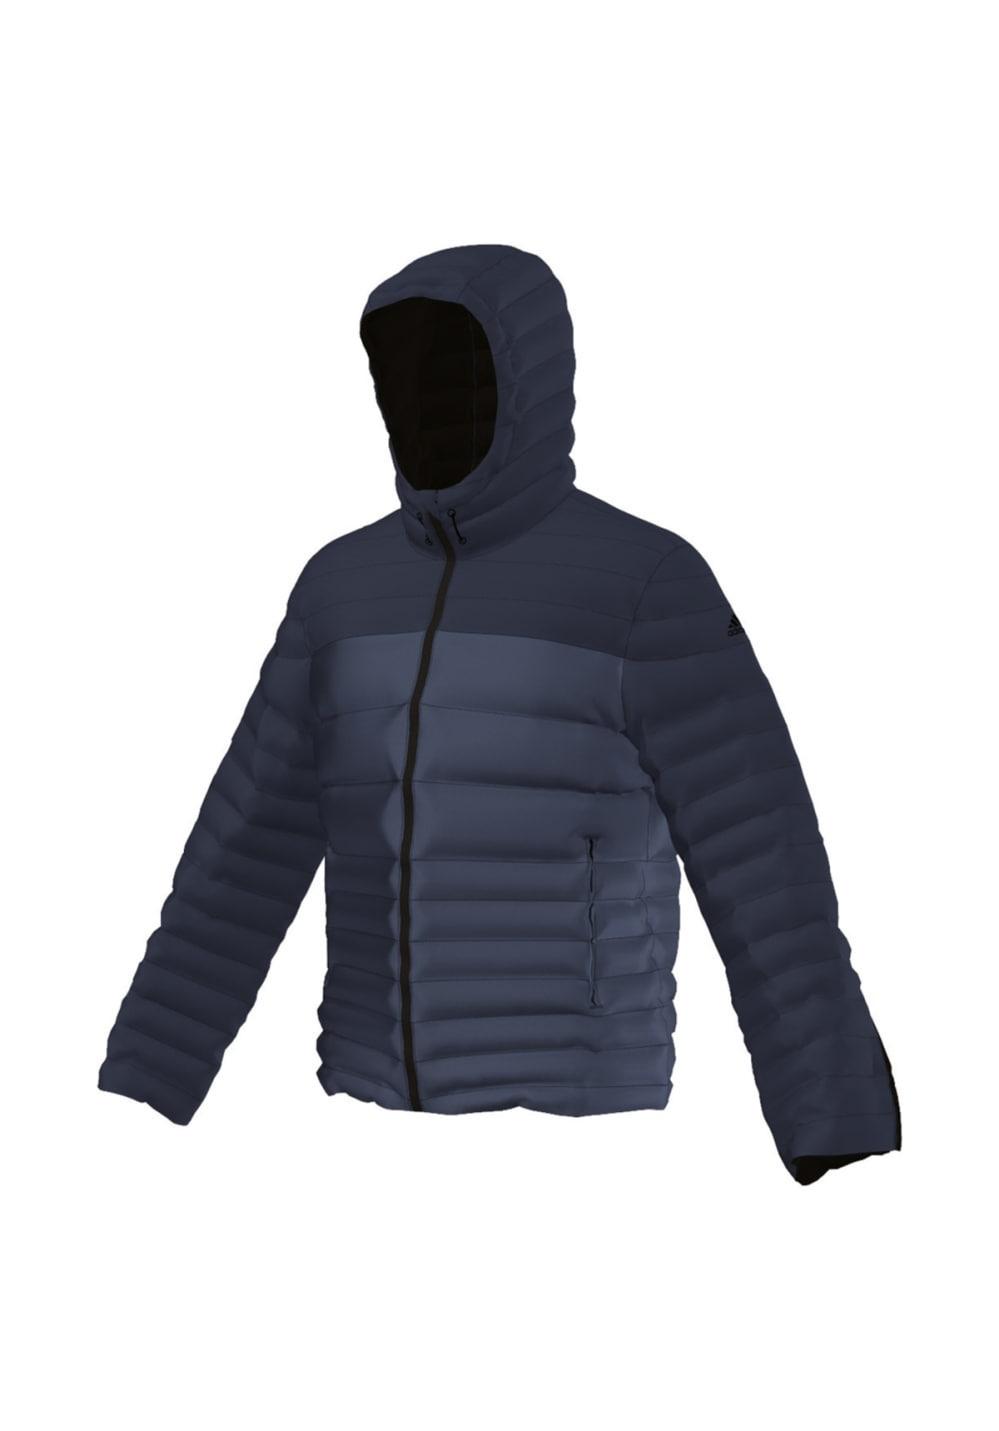 new product e5d45 7c492 adidas-cosy-down-jacket-laufjacken-herren-schwarz-pid-000000000010104940.jpg